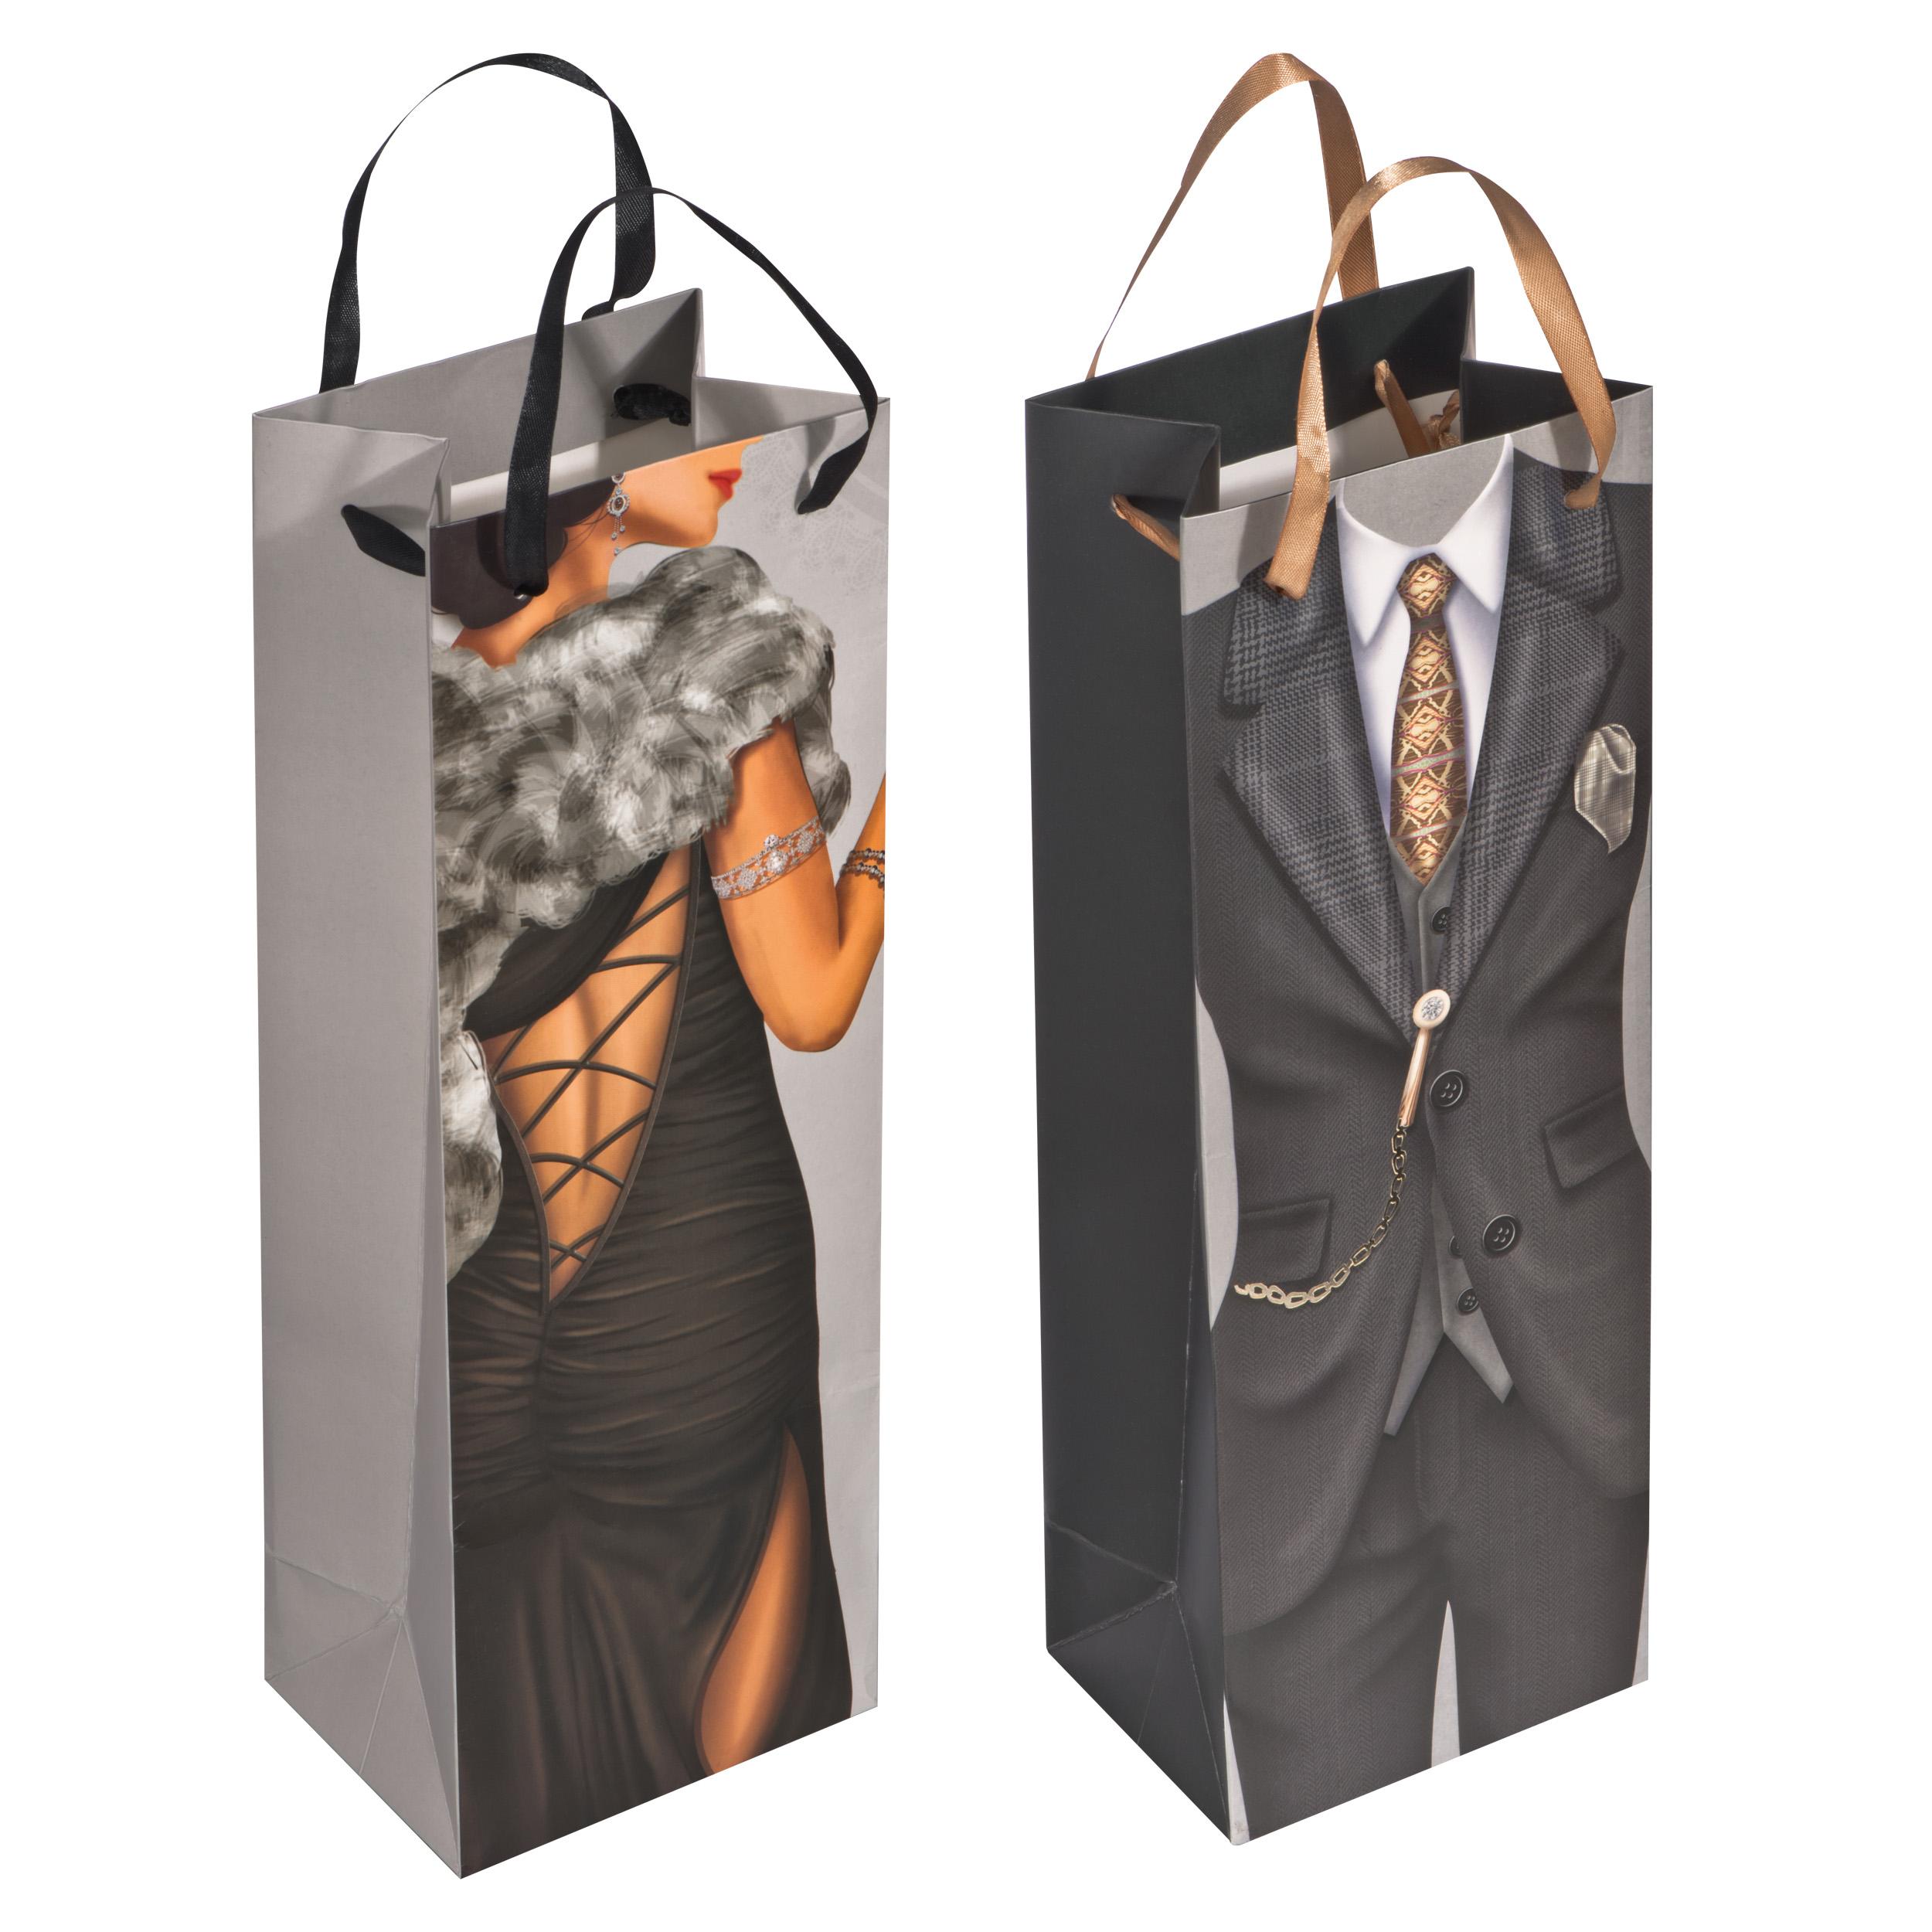 Geschenktüte Mann/Frau in der Größe einer Weinflasche